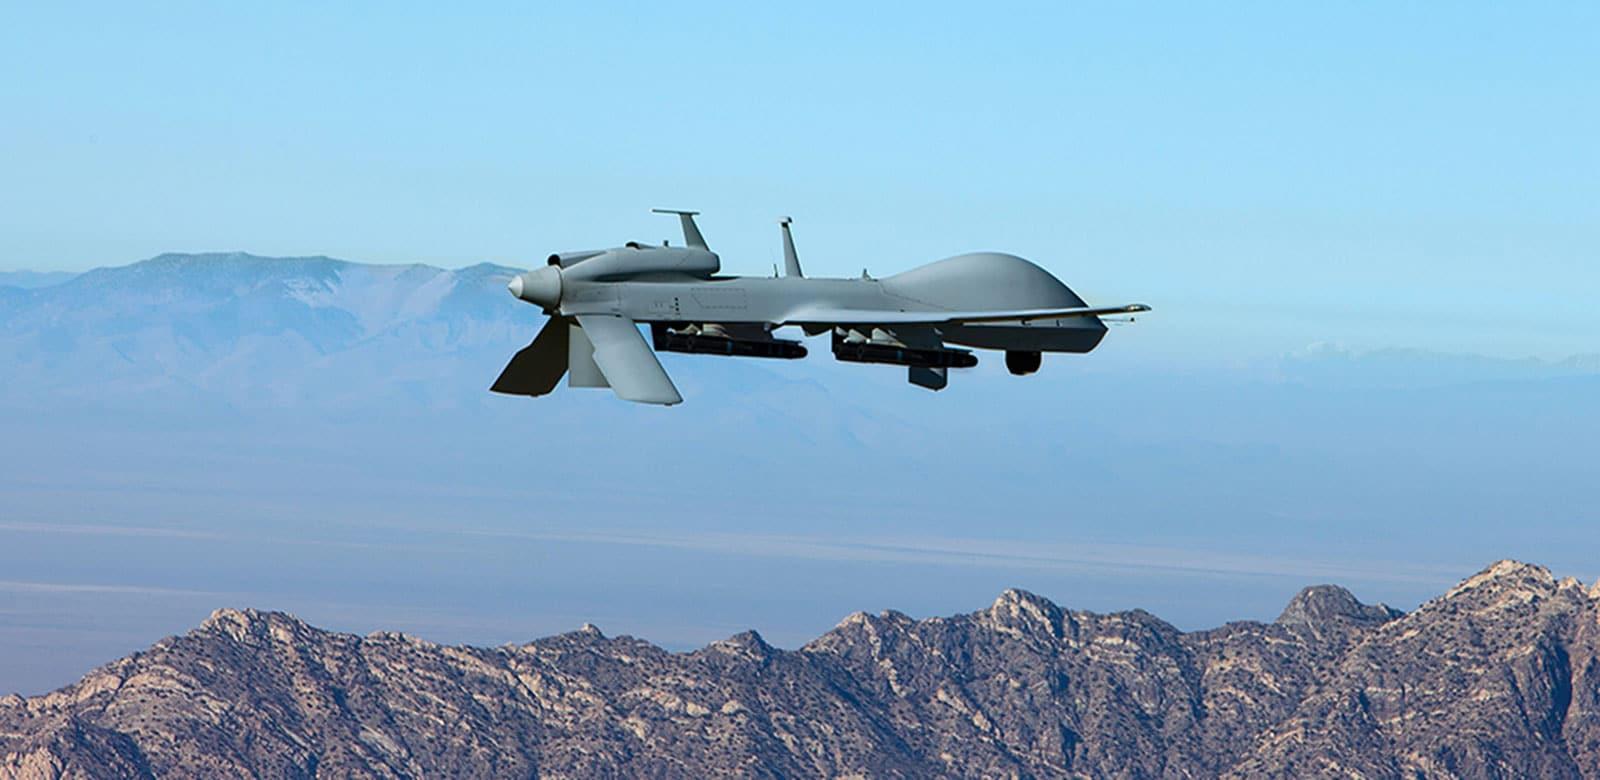 الجيش الأمريكي يتجه لتحسين قدرات طائراته غير المأهولة غراي إيجل